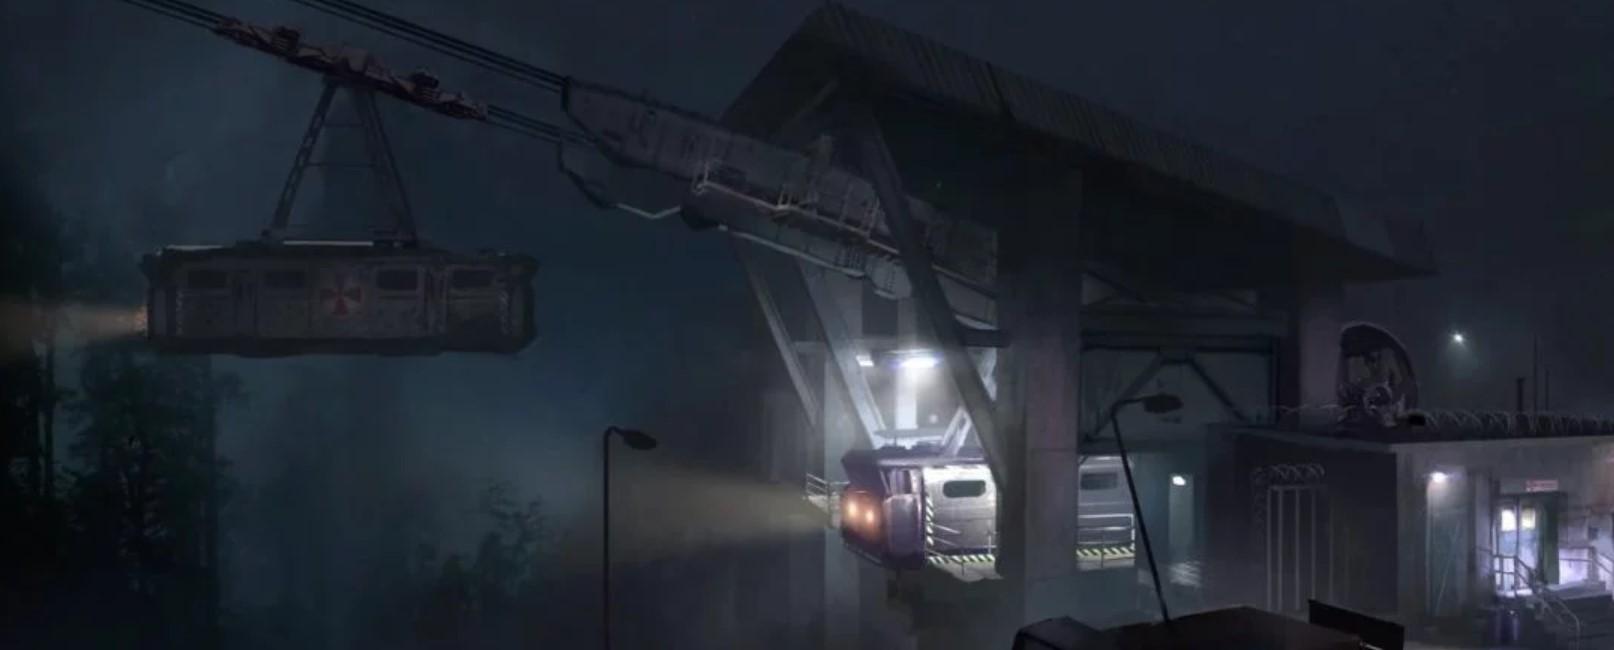 《生化危机2:重制版》开发秘闻:这些有趣的设计被遗弃